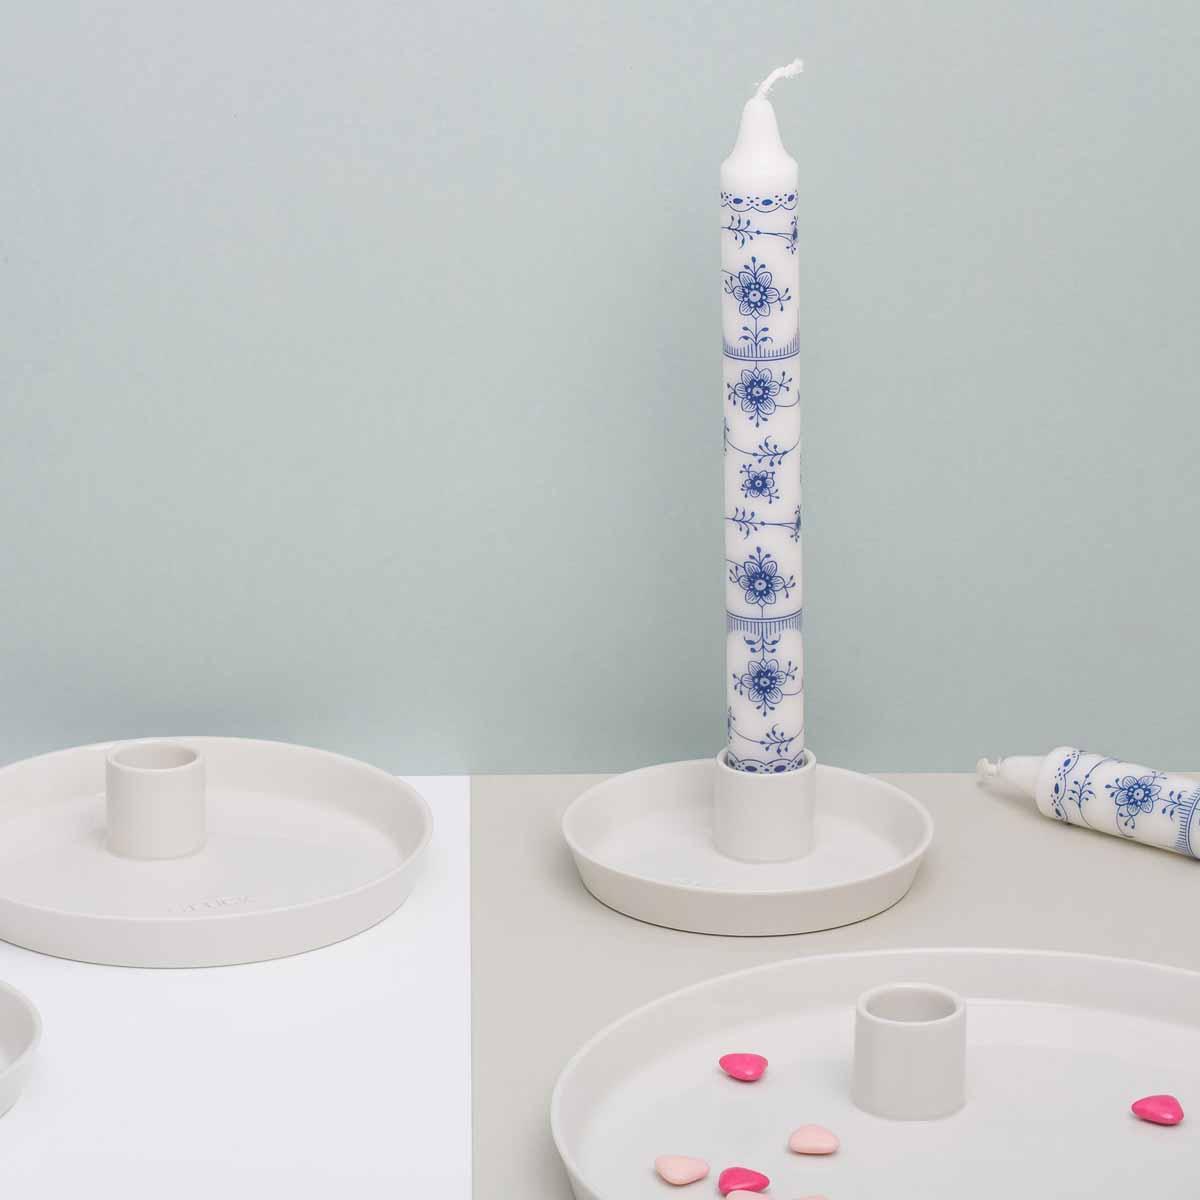 Feinesweißes Porzellan von Katy Jung in Prenzlauer Berg-11